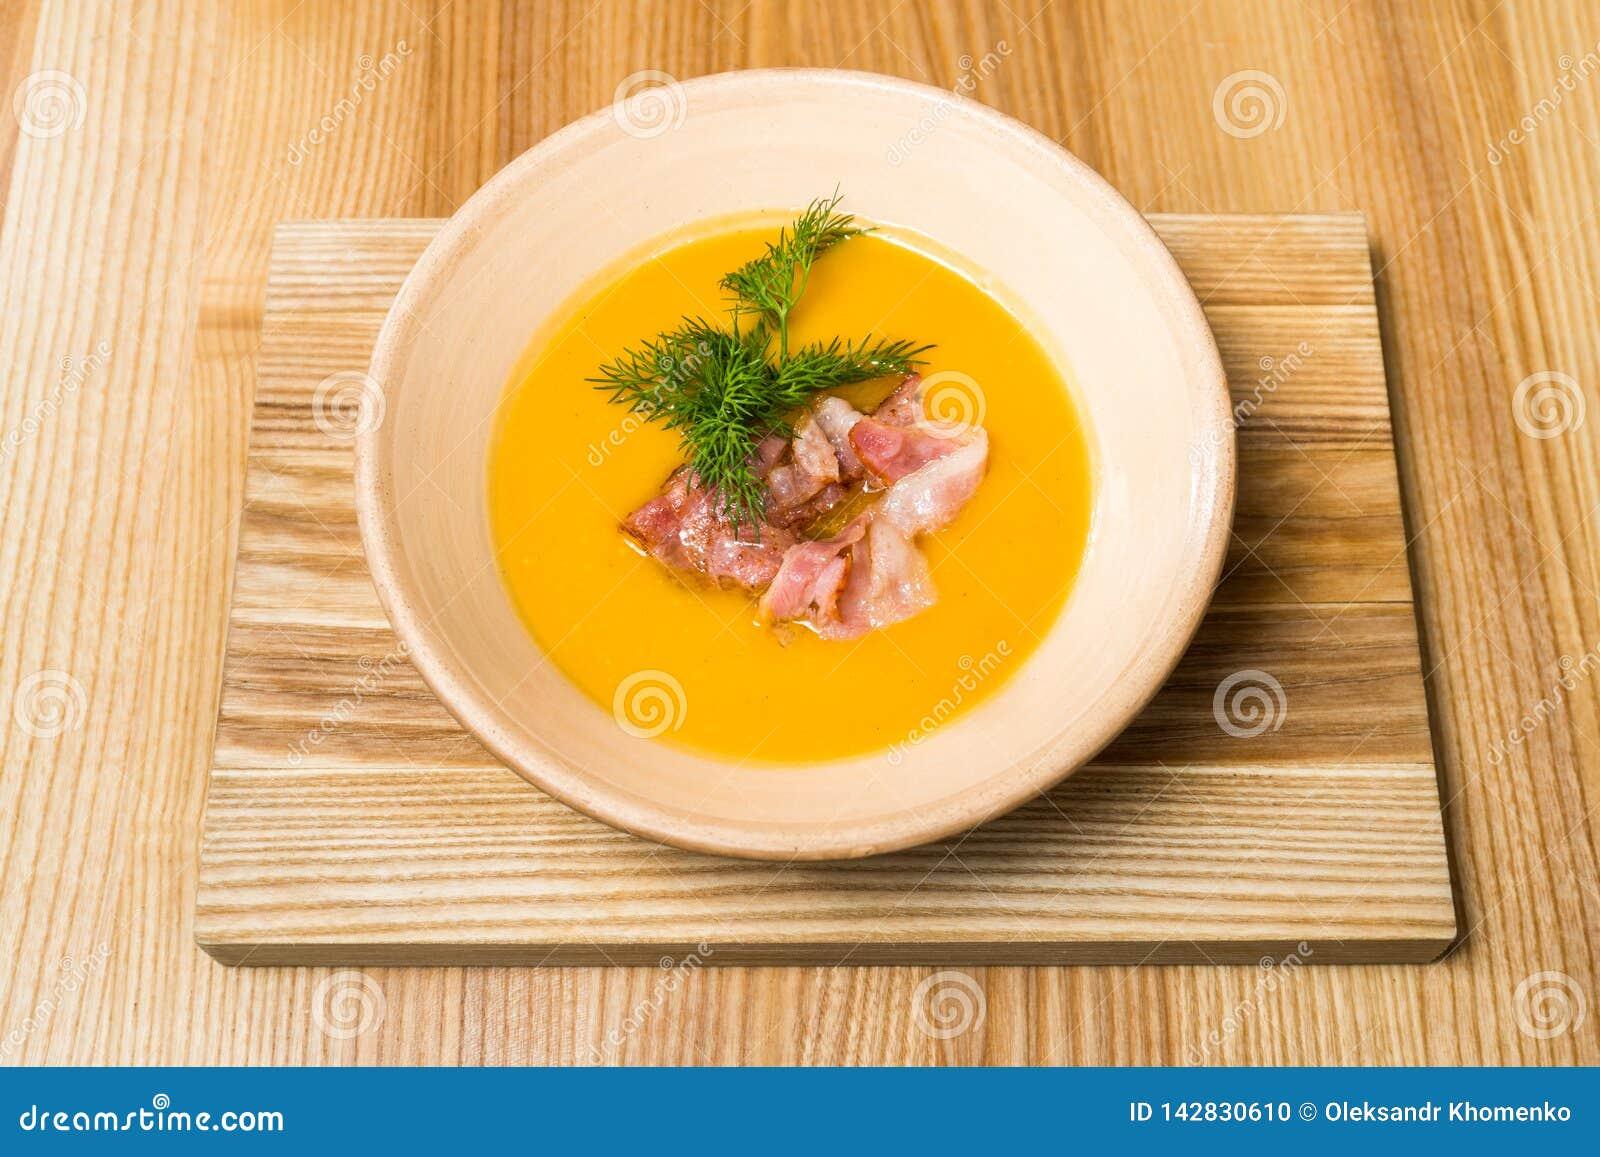 Soupe aux pois avec le lard sur une table en bois